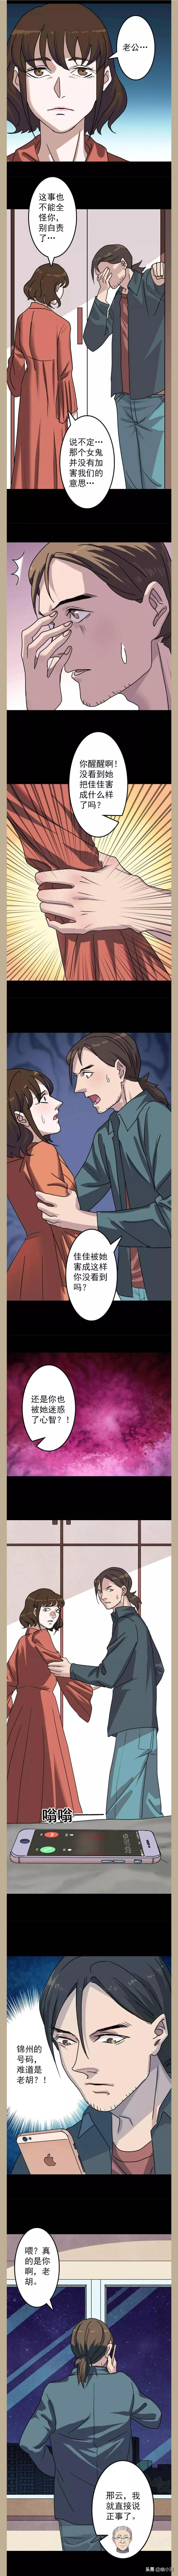 恐怖悬疑惊悚盗墓漫画小说《凶棺》连载-第15章:佳佳来离例假